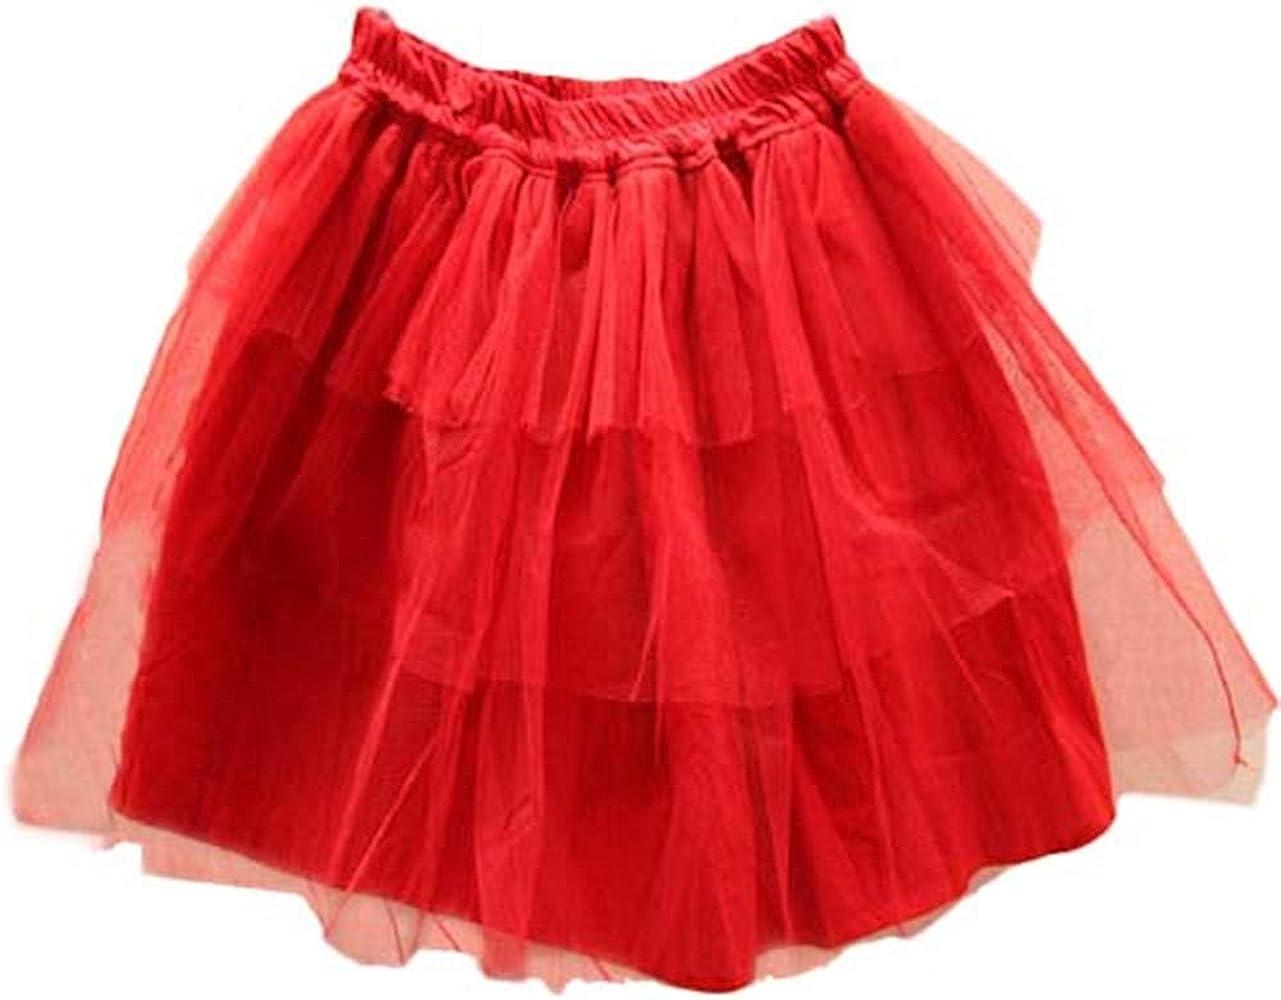 Black Sugar - Falda de tutú para fiesta de disfraz, color rojo ...